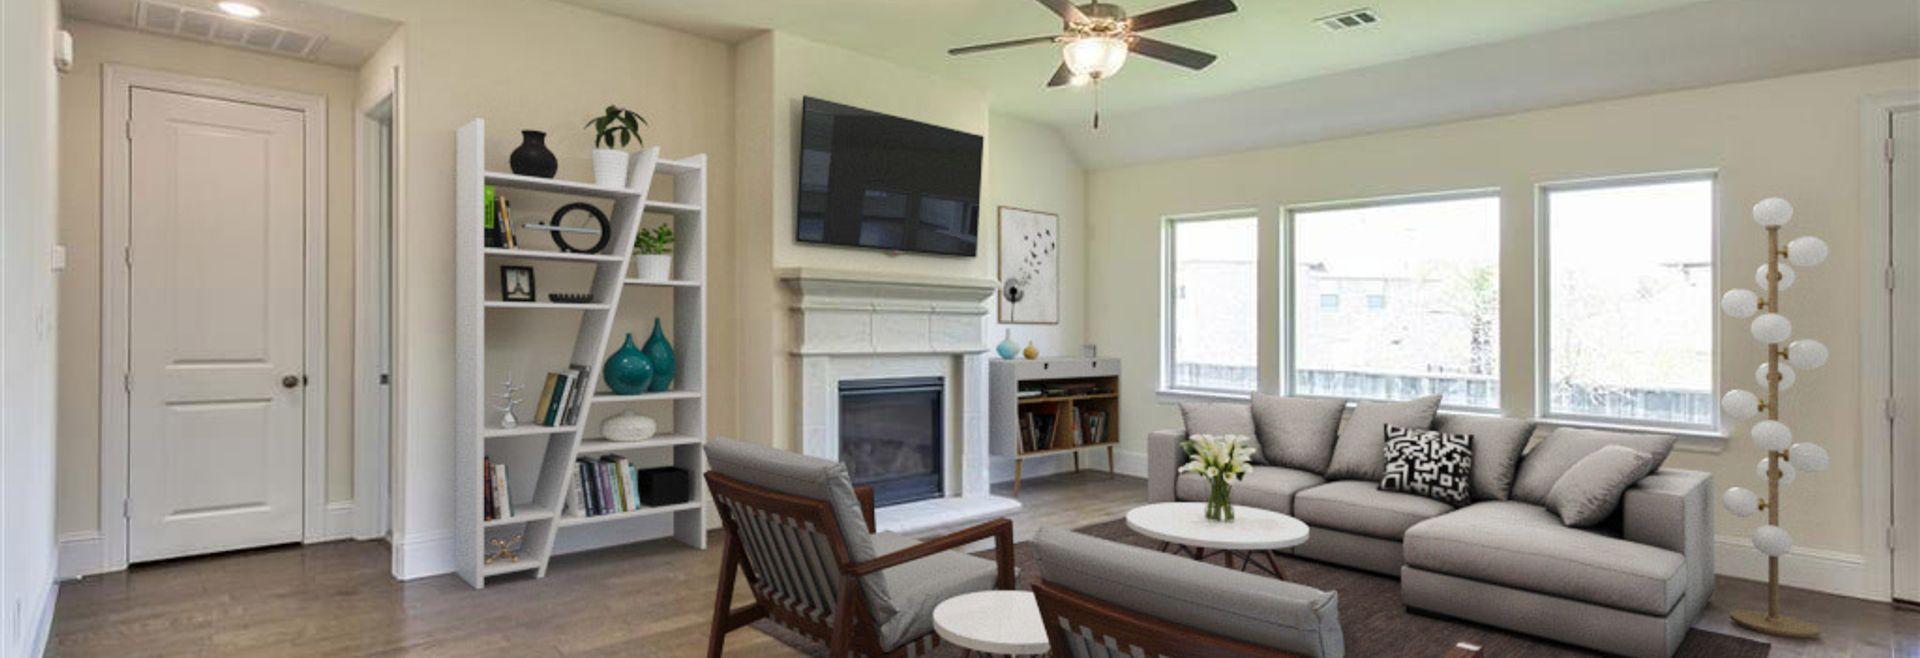 Plan 5029 Living Room Woodlands Model